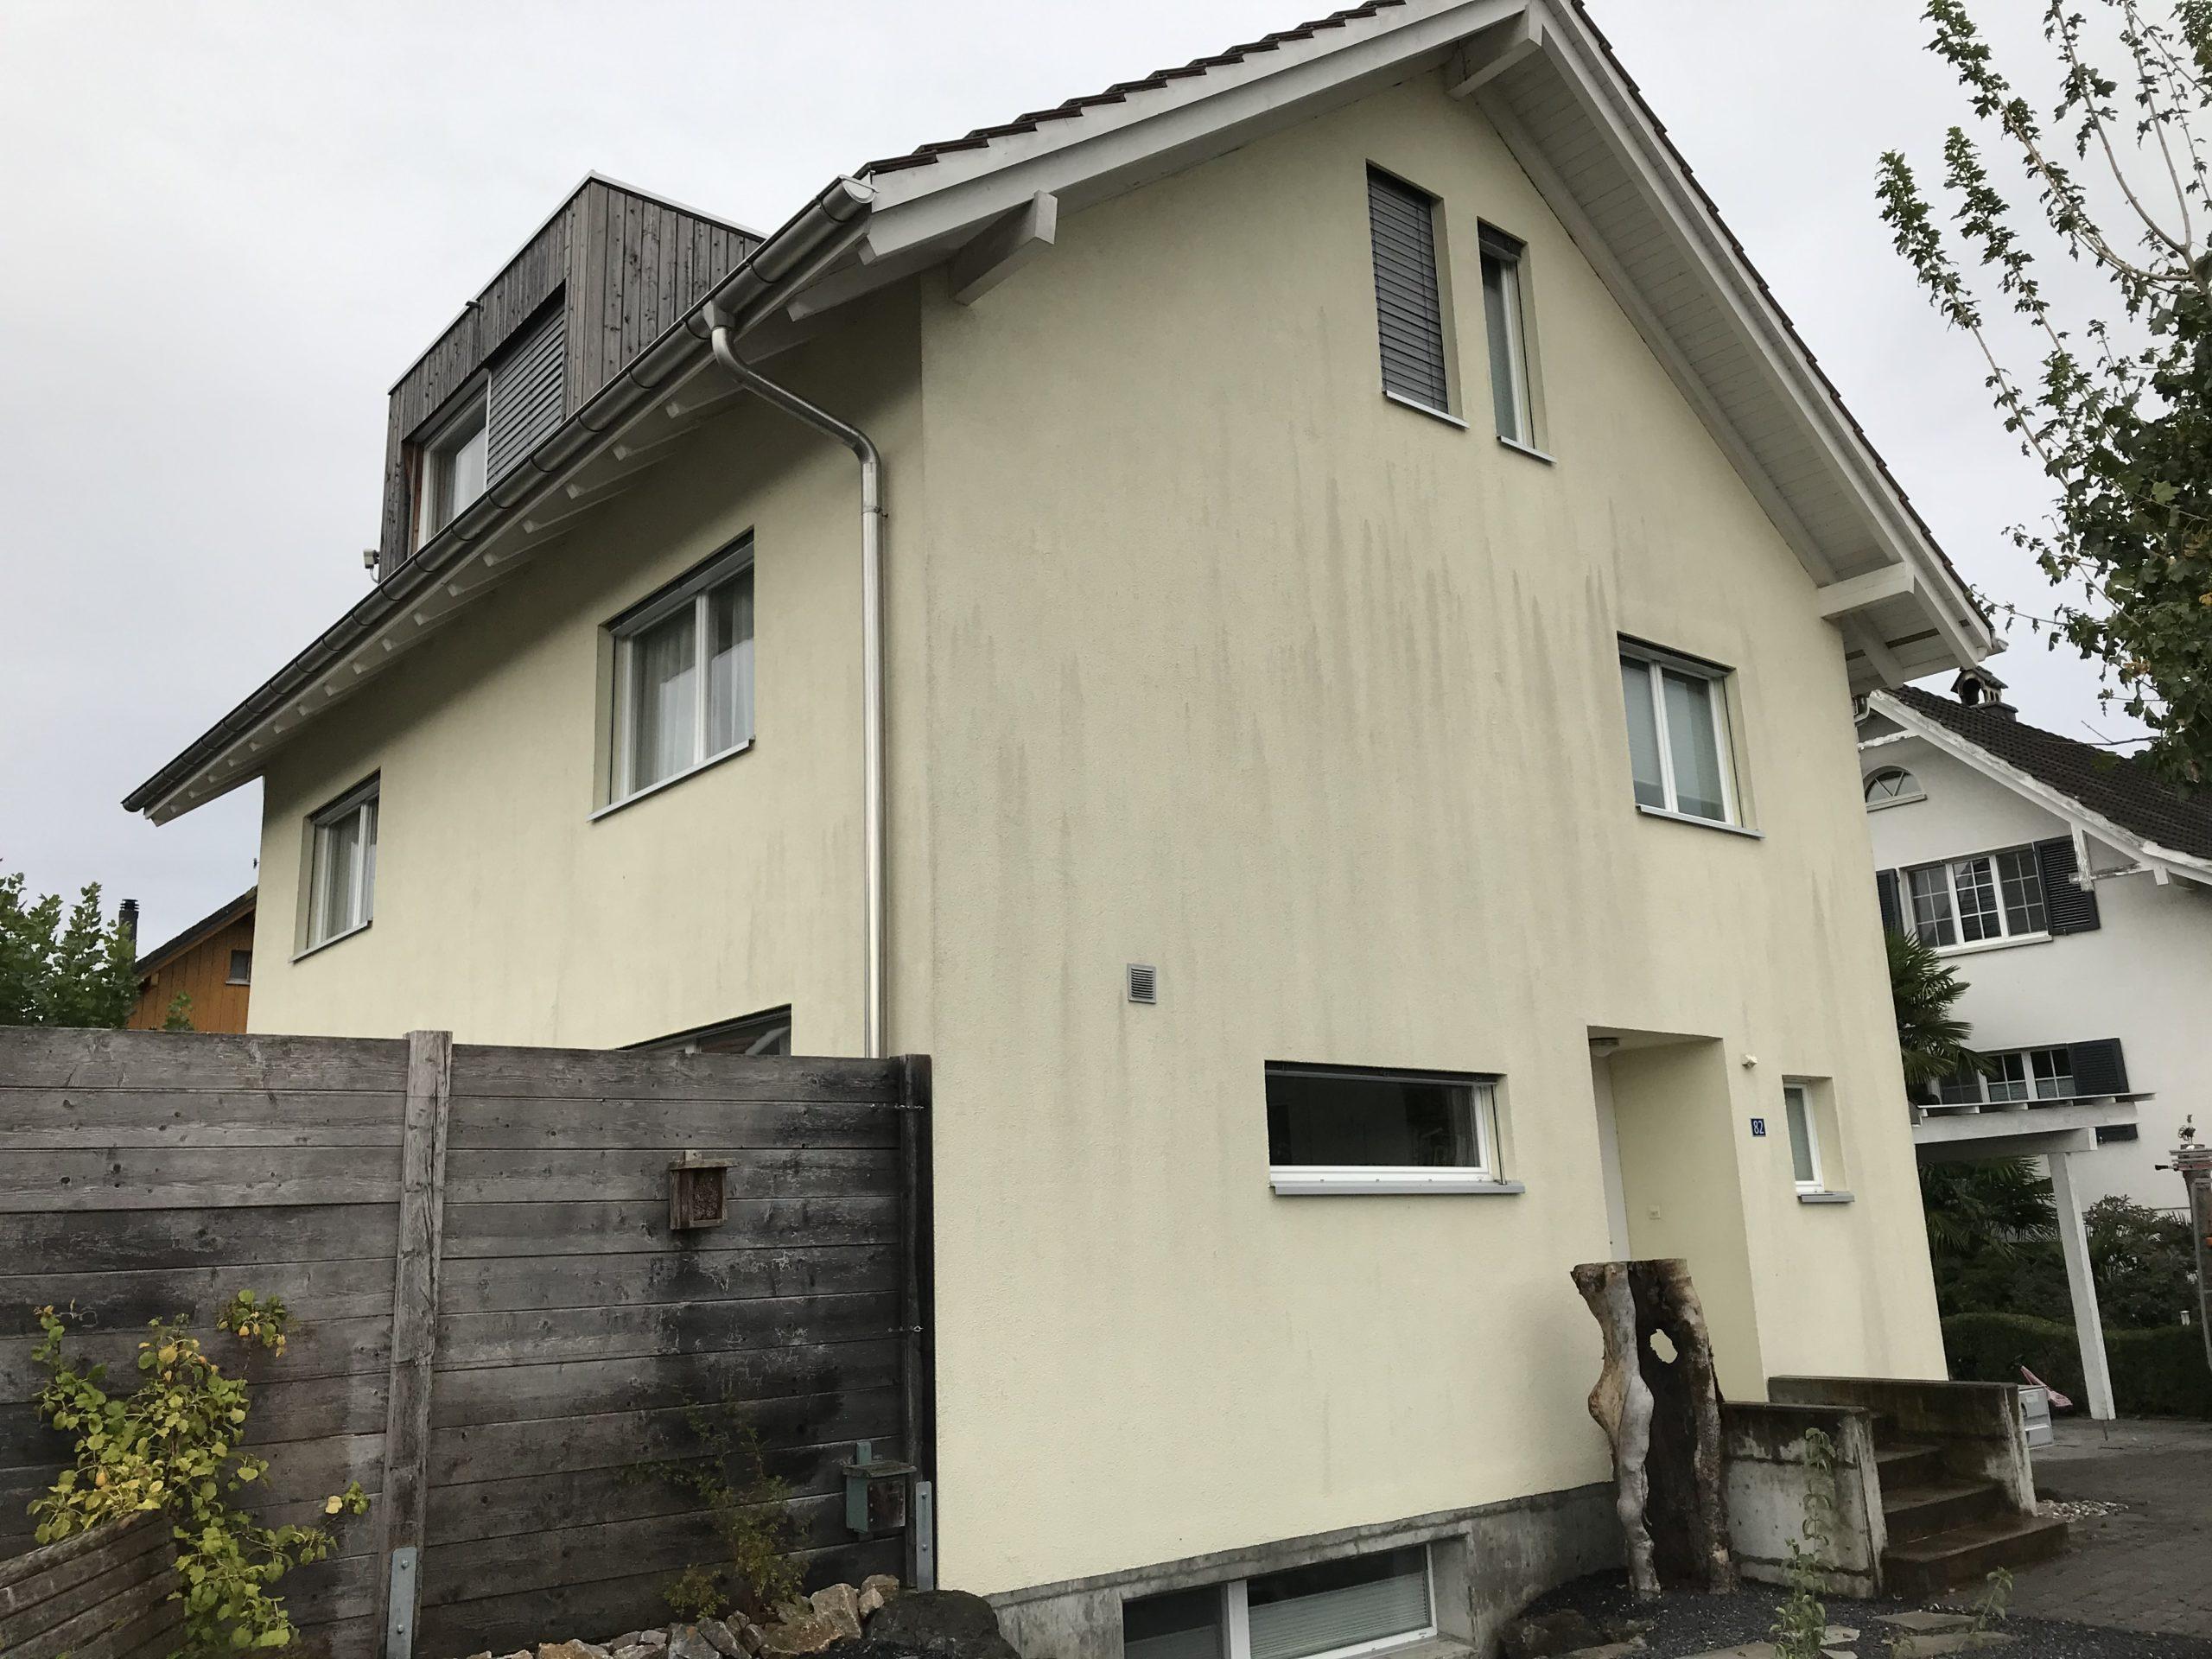 https://www.koster-gs.ch/wp-content/uploads/2021/08/Dobler-Balgach-Fassade-vorher1-scaled.jpg